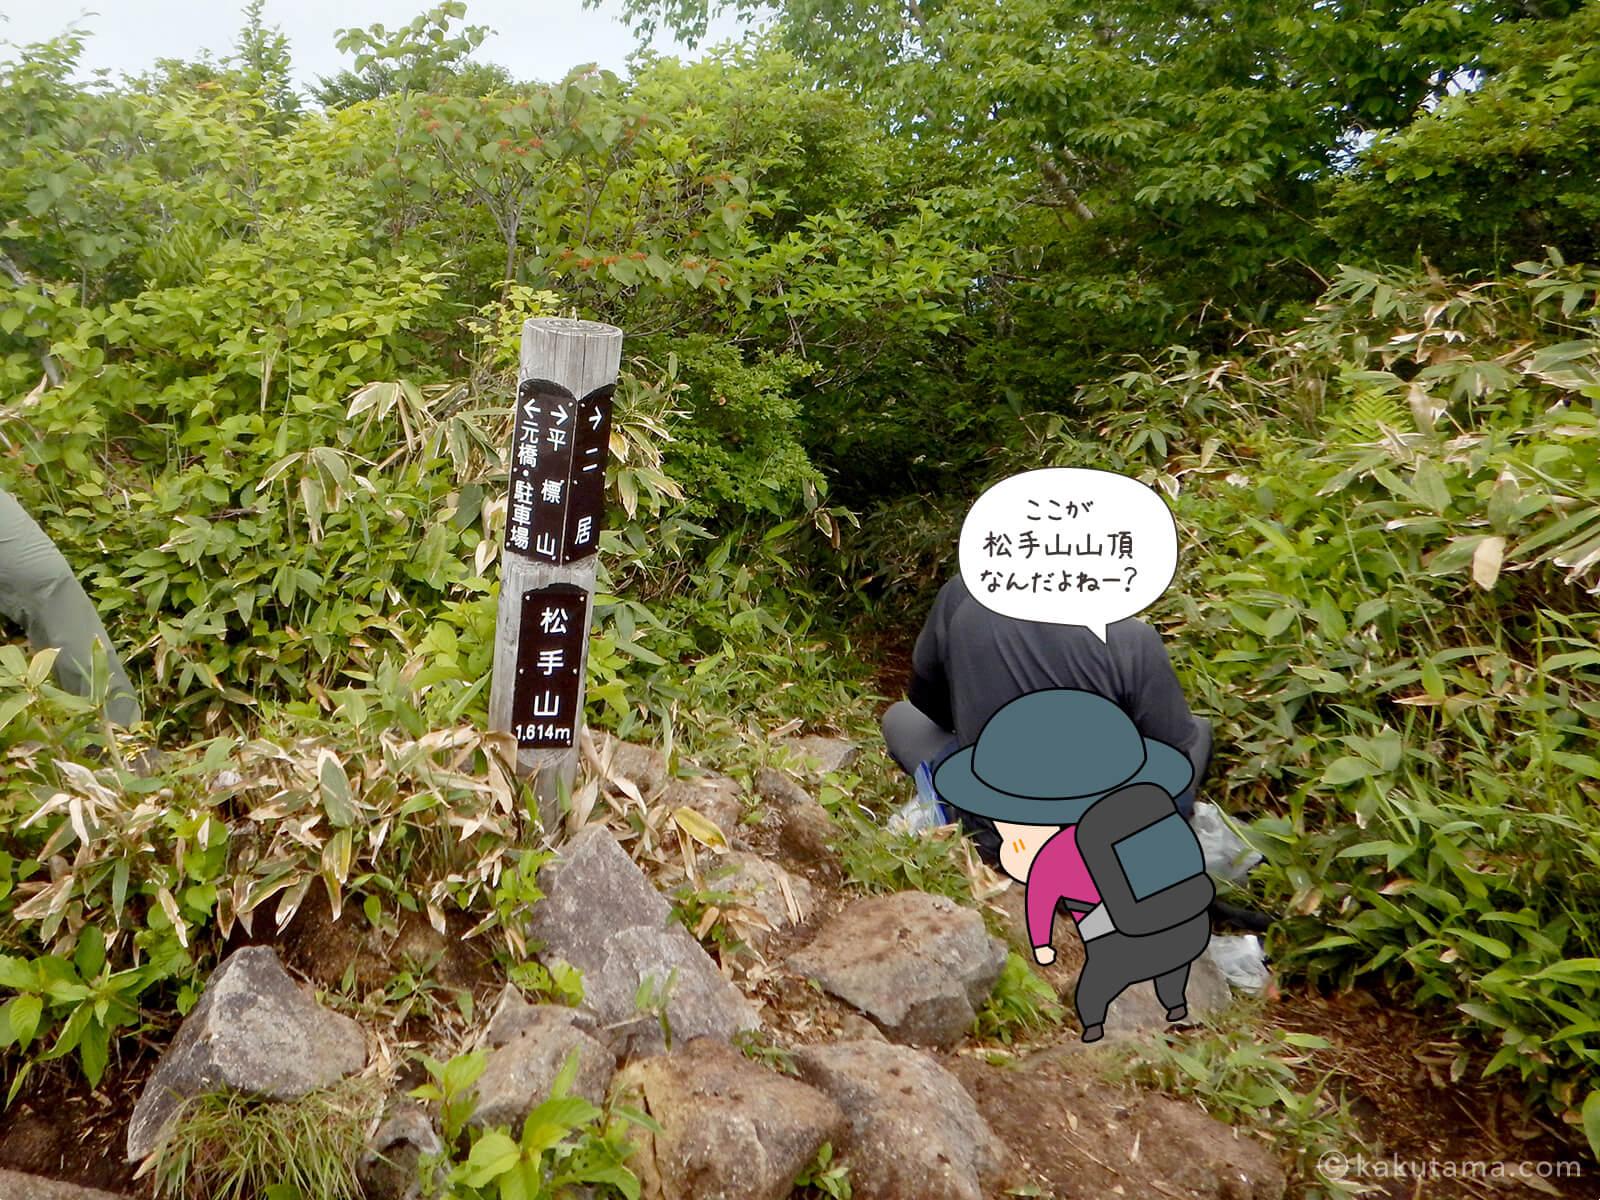 松手山に着いた